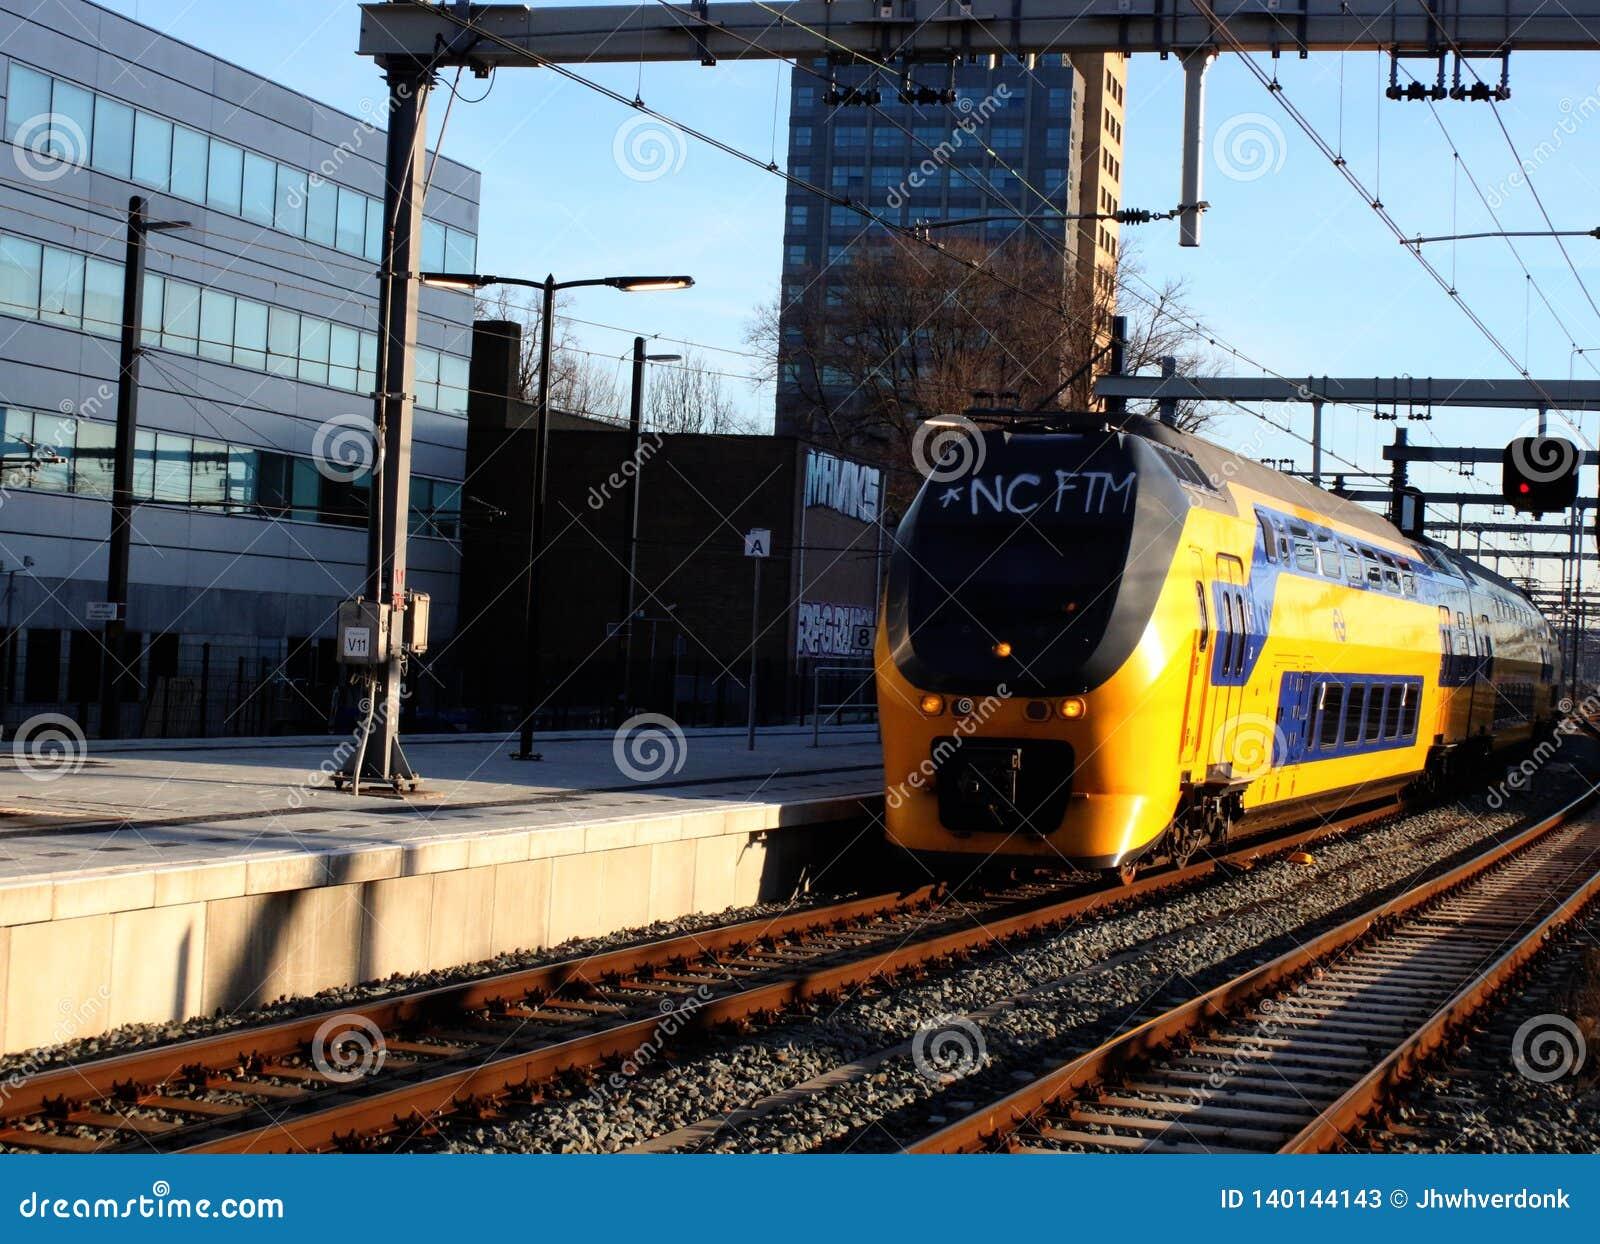 乌得勒支,荷兰,2019年2月15日:一城市间到达在乌得勒支中央驻地,NS的平台